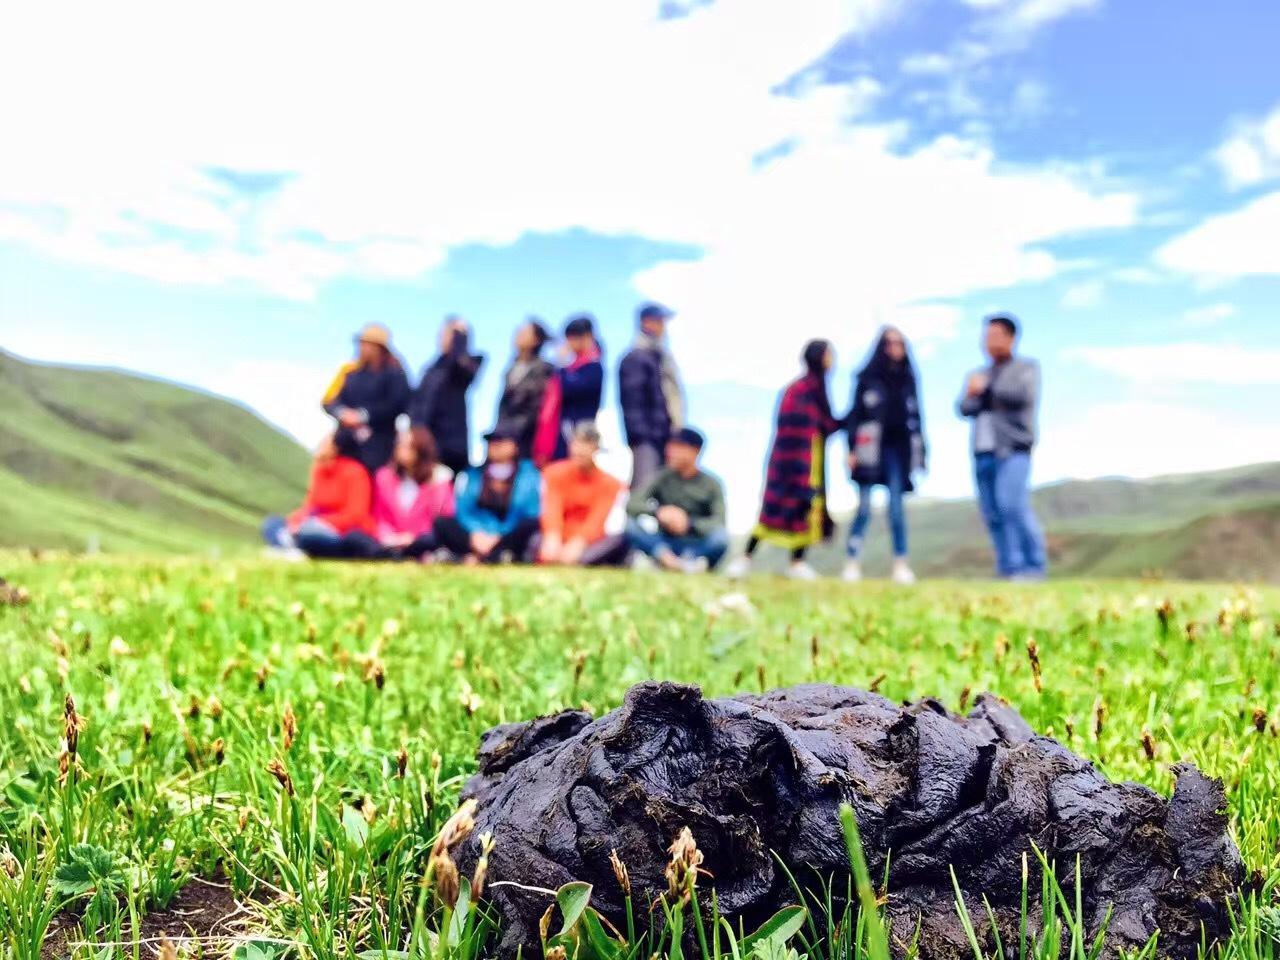 自驾川藏线,最快需要几天? 川藏线旅游攻略 第2张